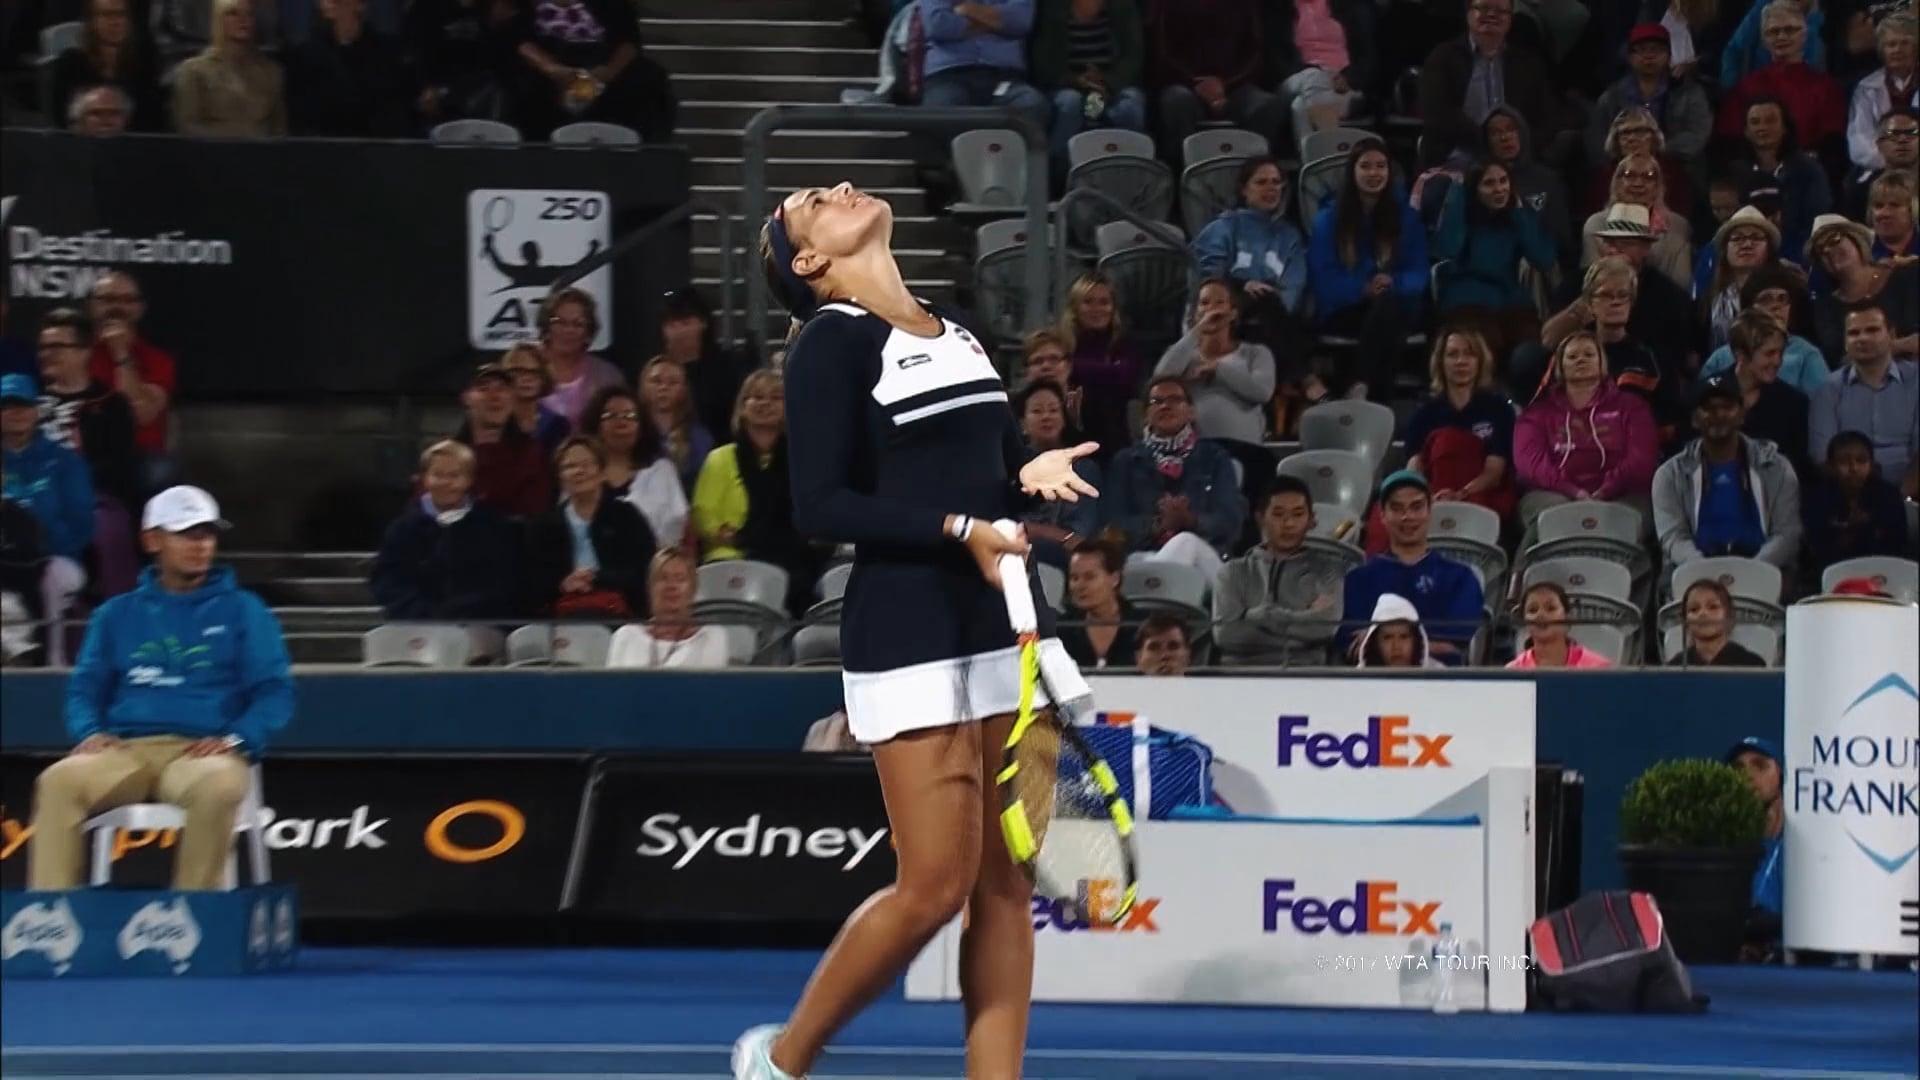 WTA – SYDNEY QUARTER FINALS